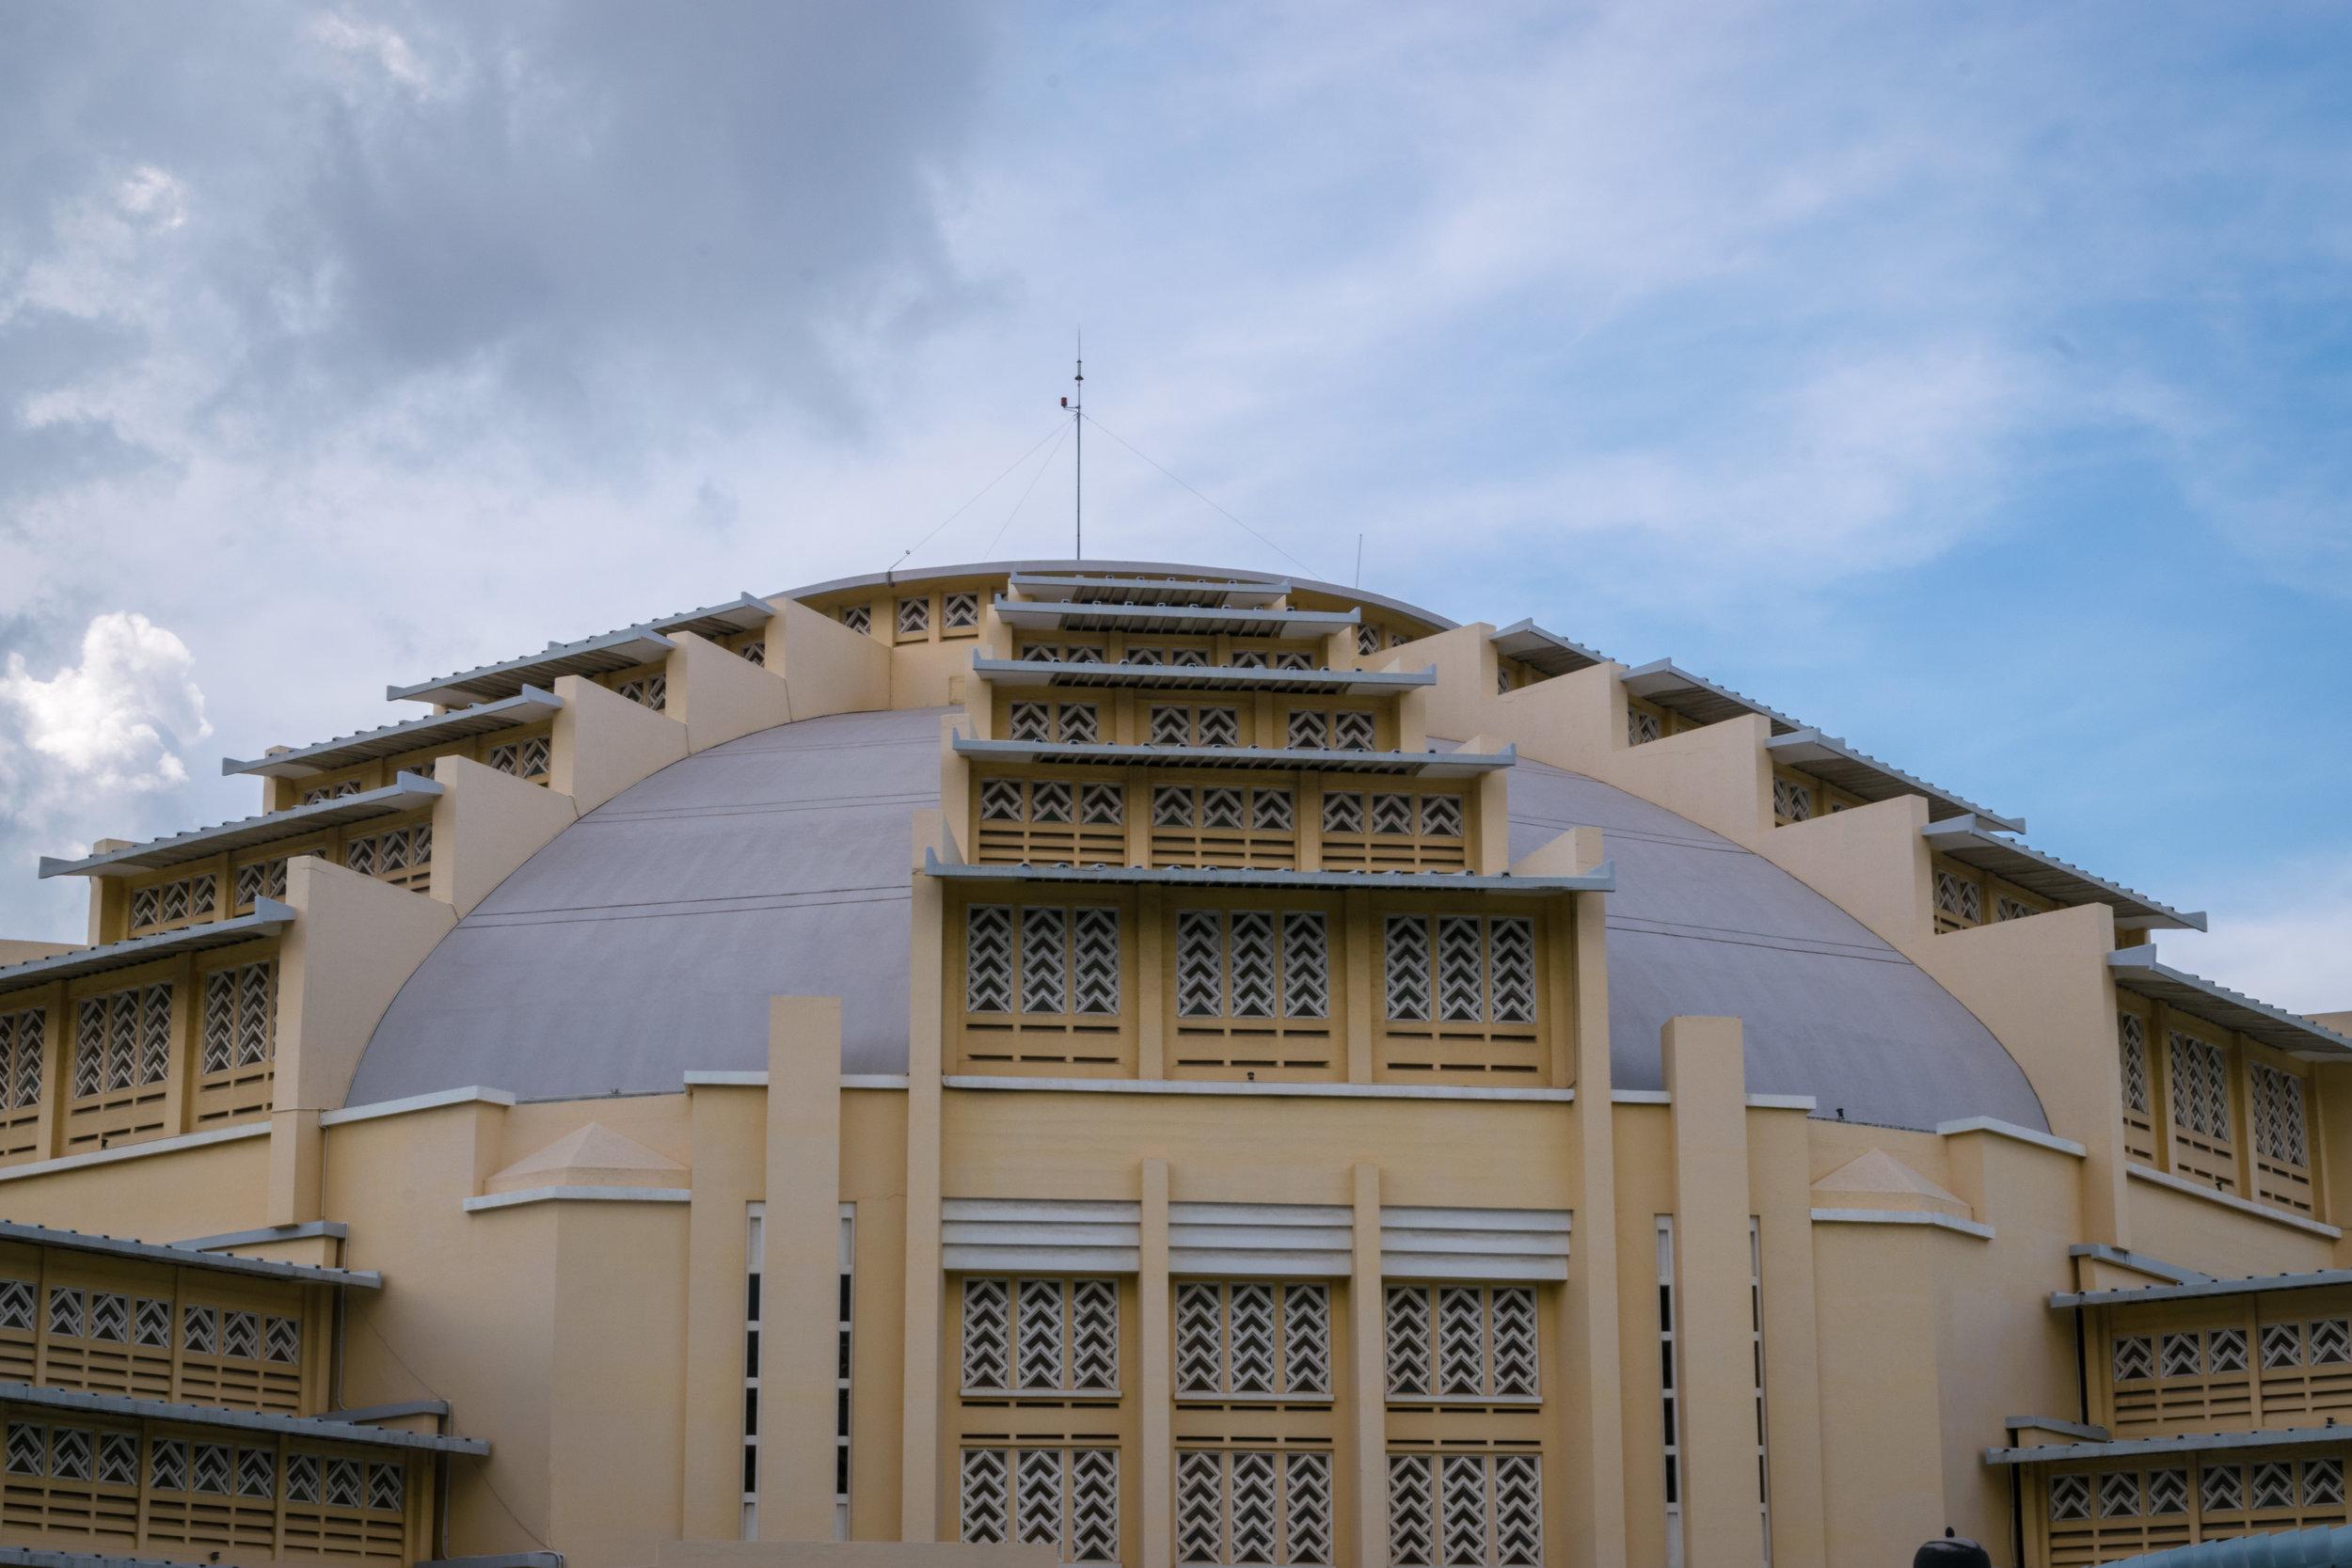 Cambodia_Phnom+Penh_central+market-1.jpg